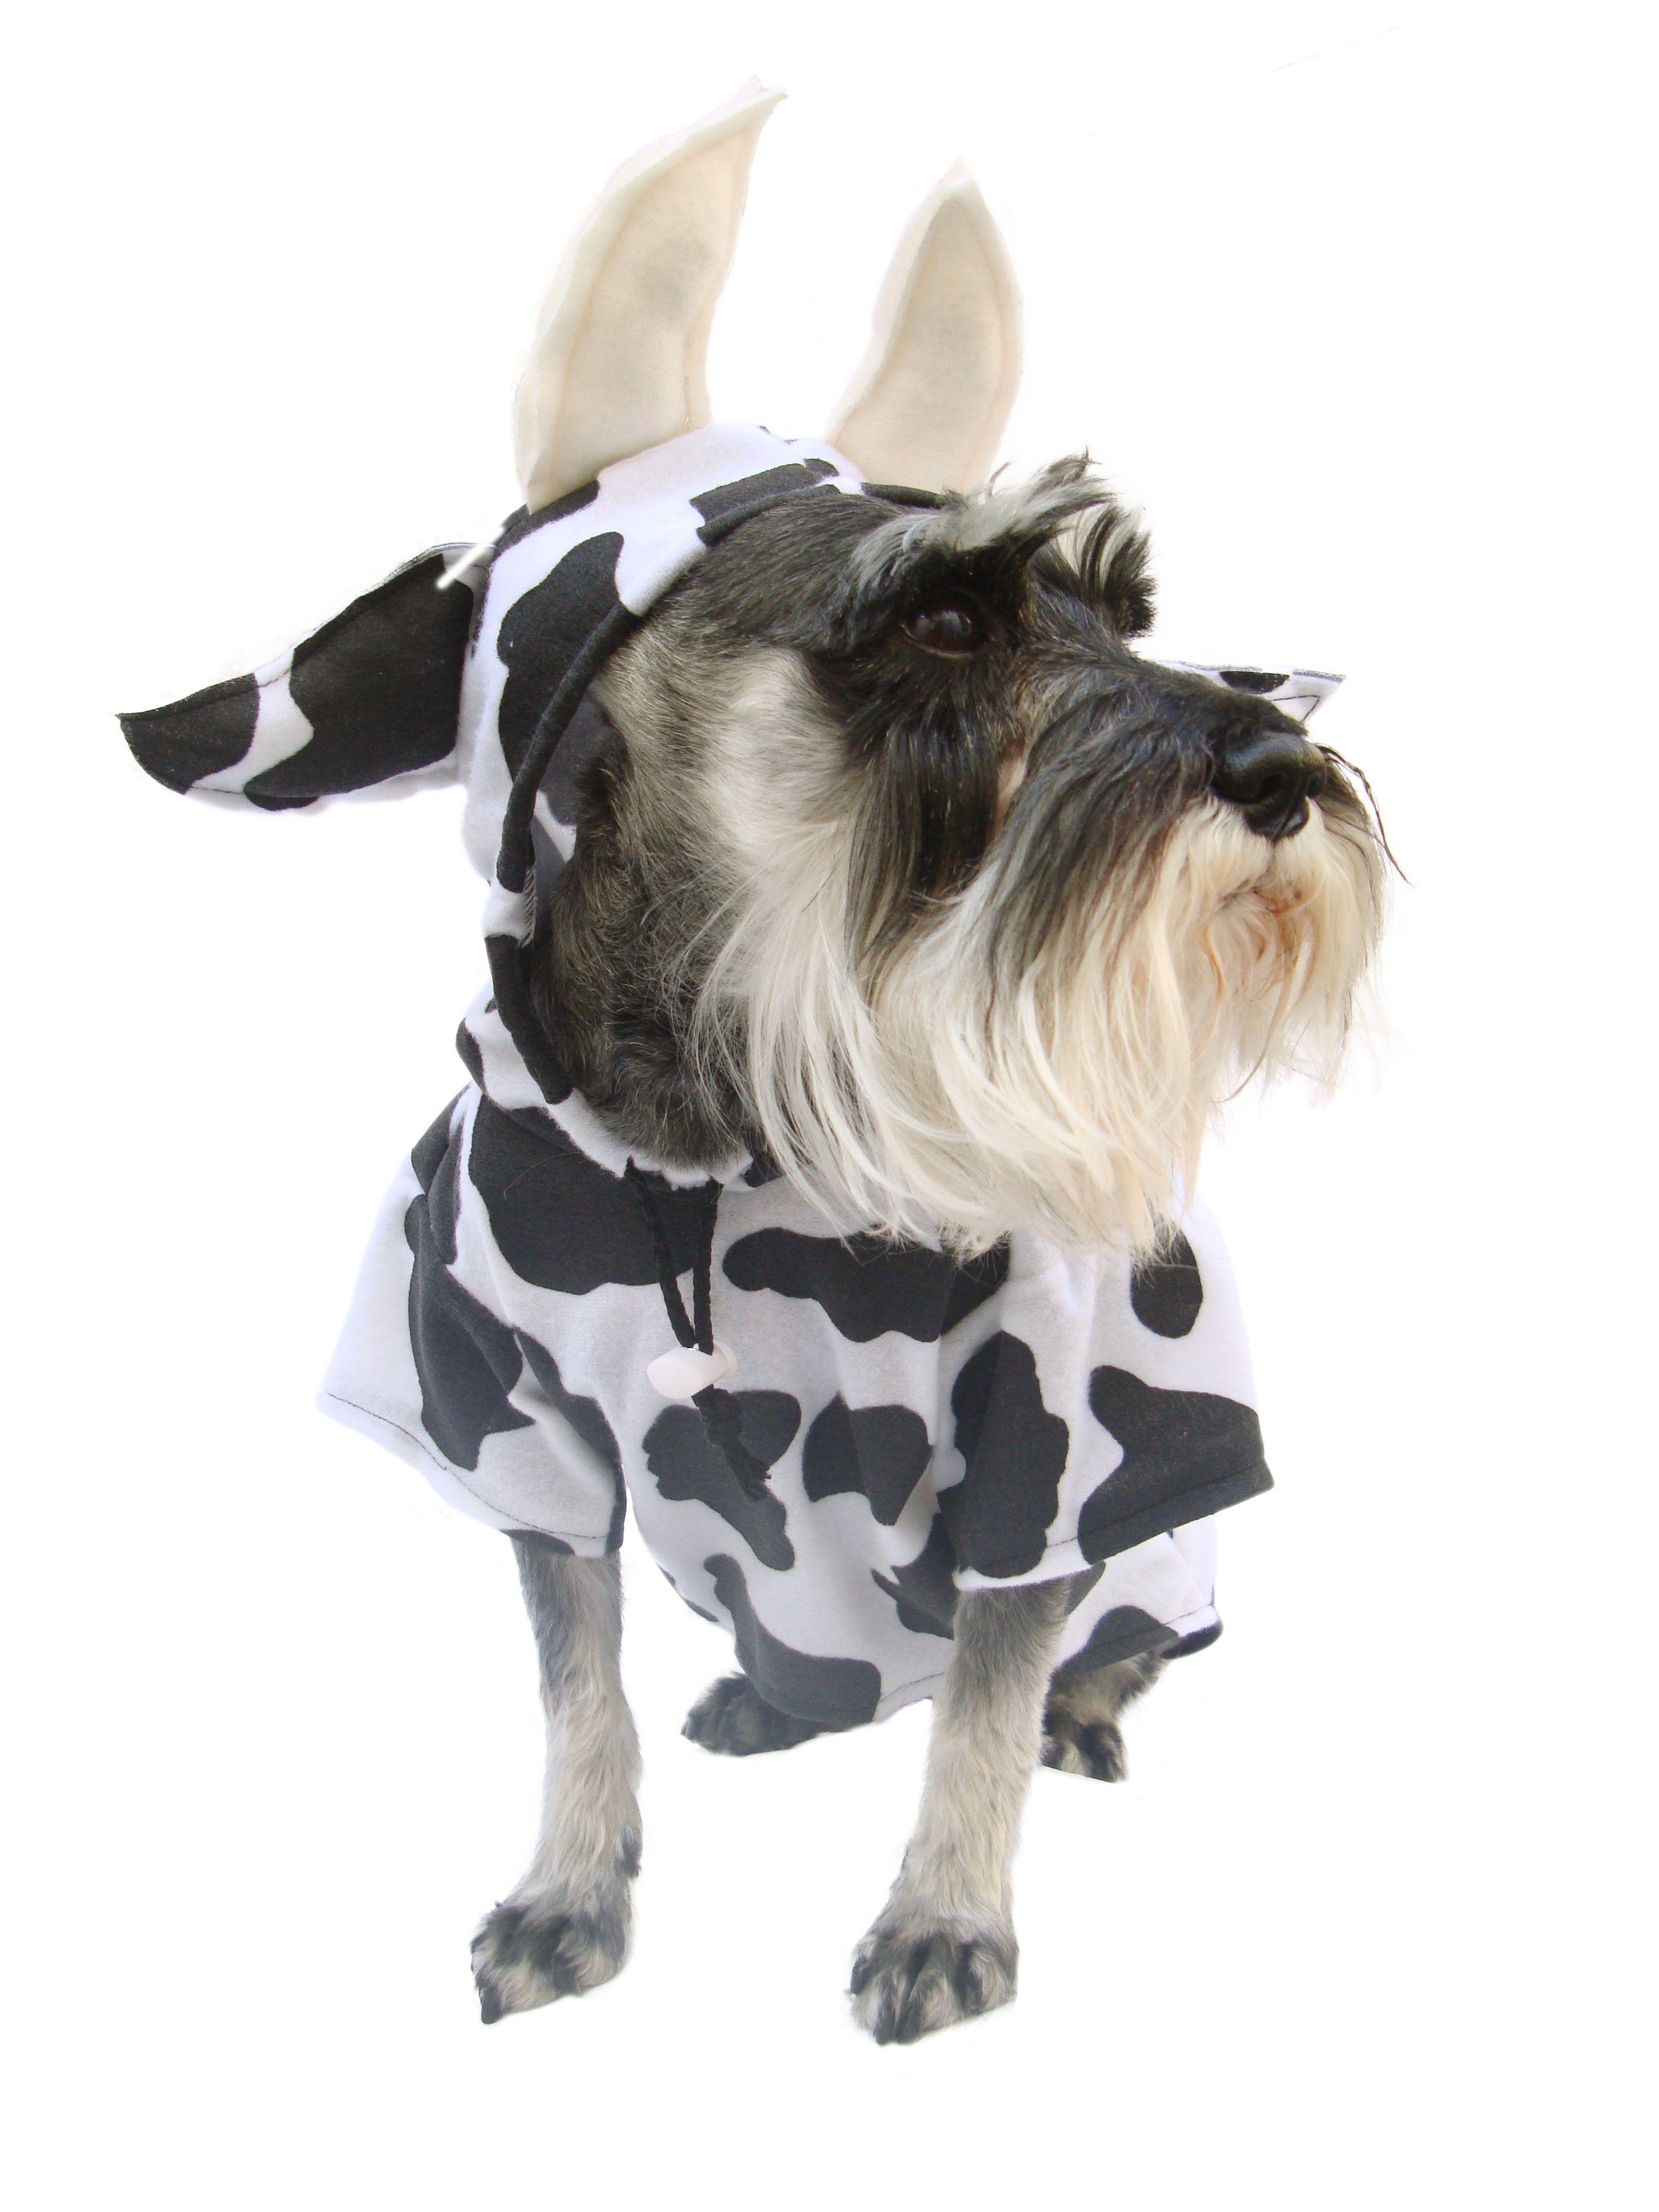 Disfraz De Vaca Para Perro Disfracesparaperros Halloween